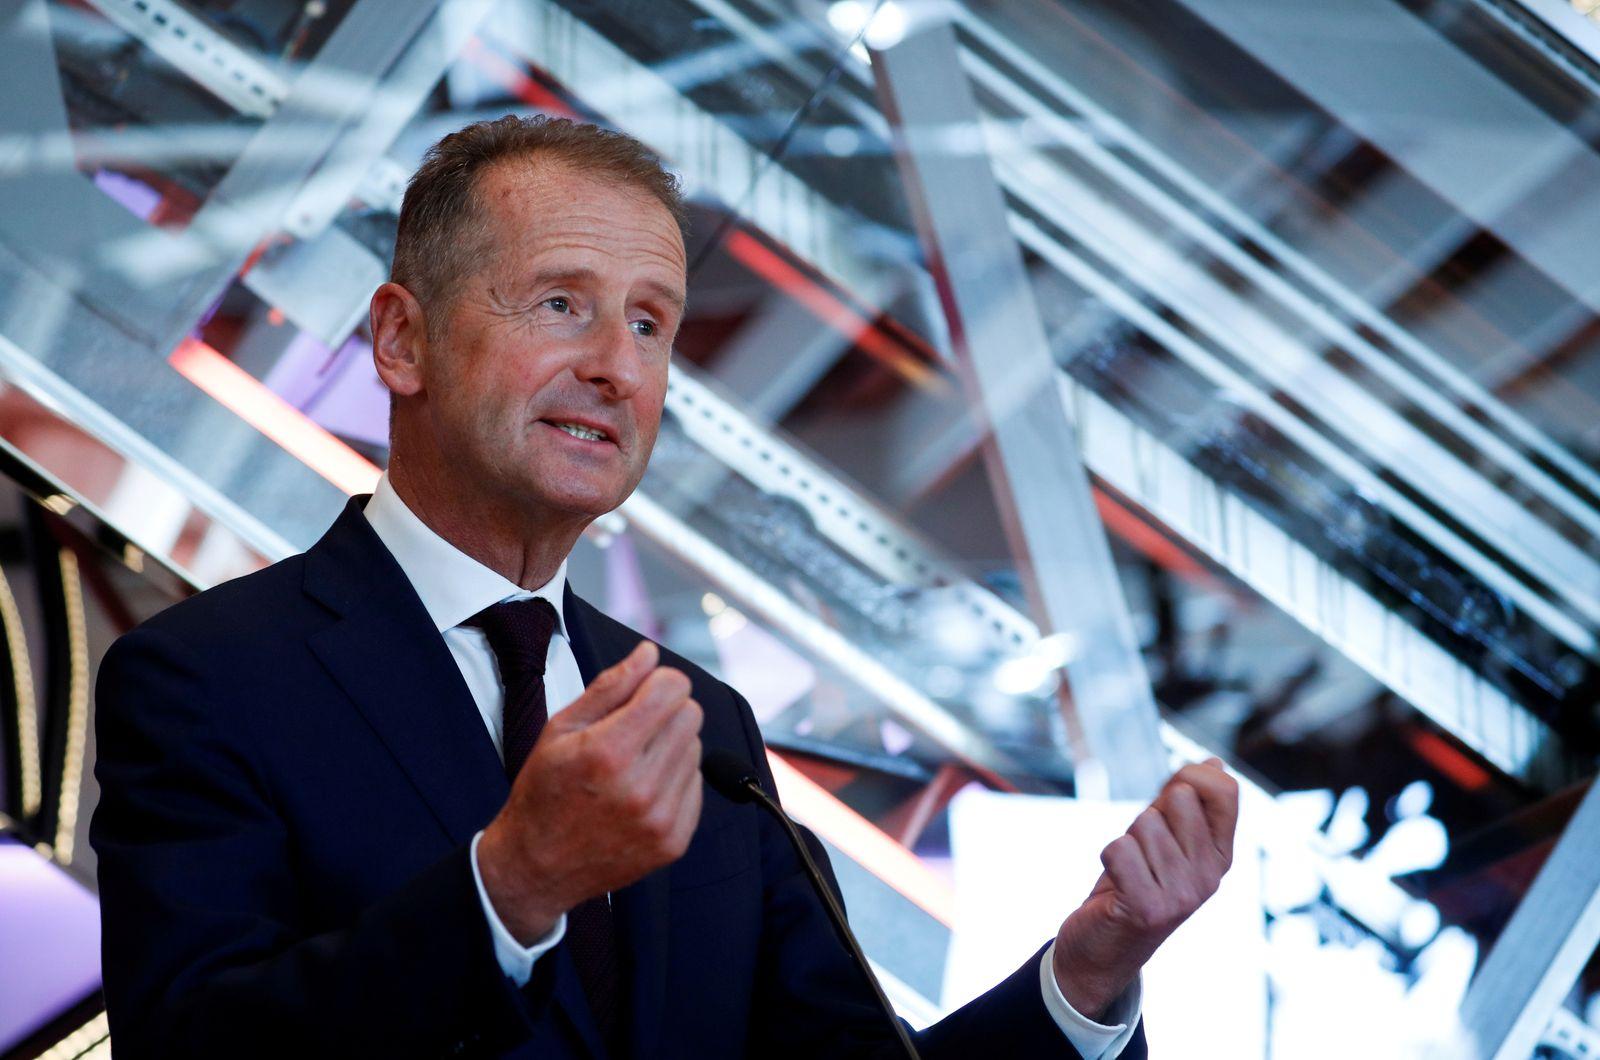 FILE PHOTO: Volkswagen Chief Executive Herbert Diess